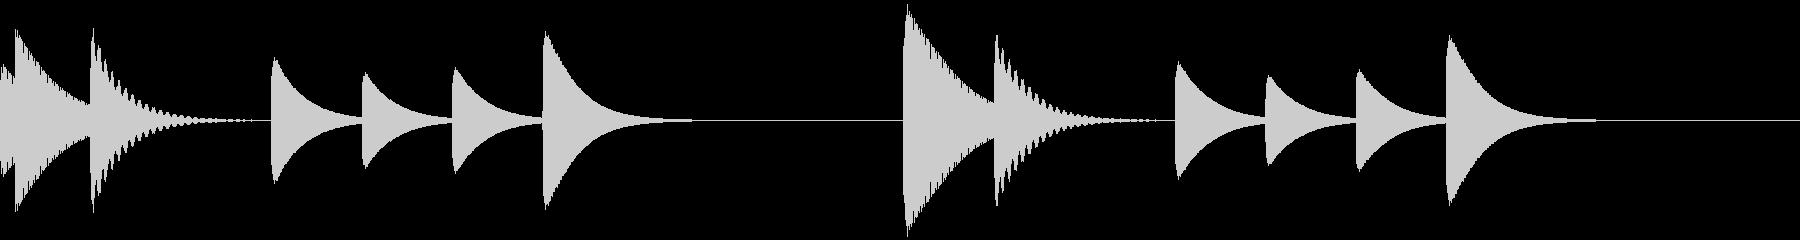 ポコポコ/コール/アラーム/トーン/1の未再生の波形